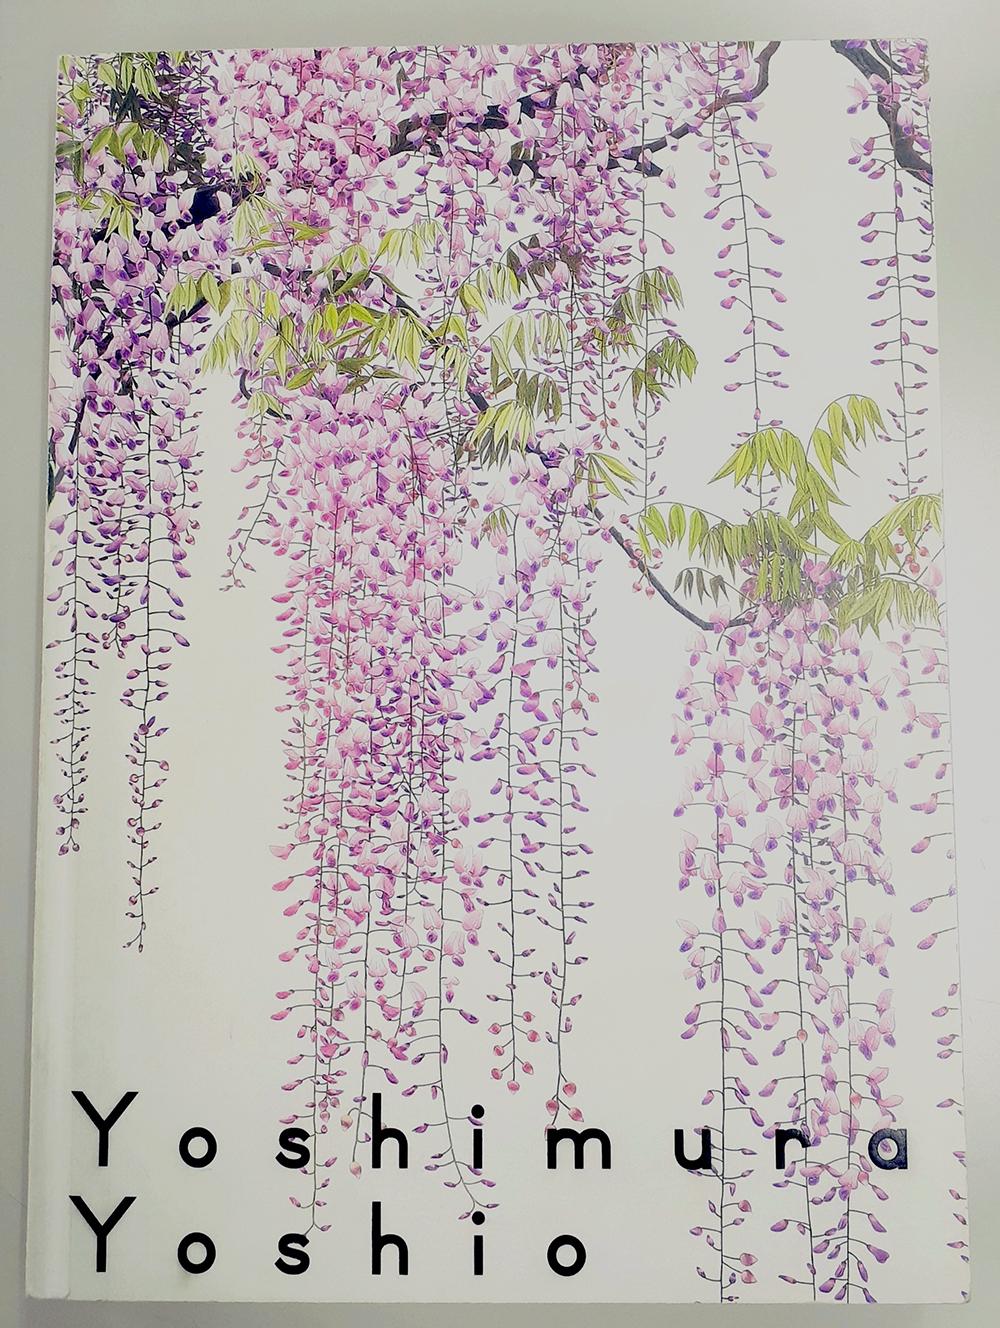 特別展「吉村芳生~超絶技巧を超えて~」の図録が6/20(日)まで通信販売できます!